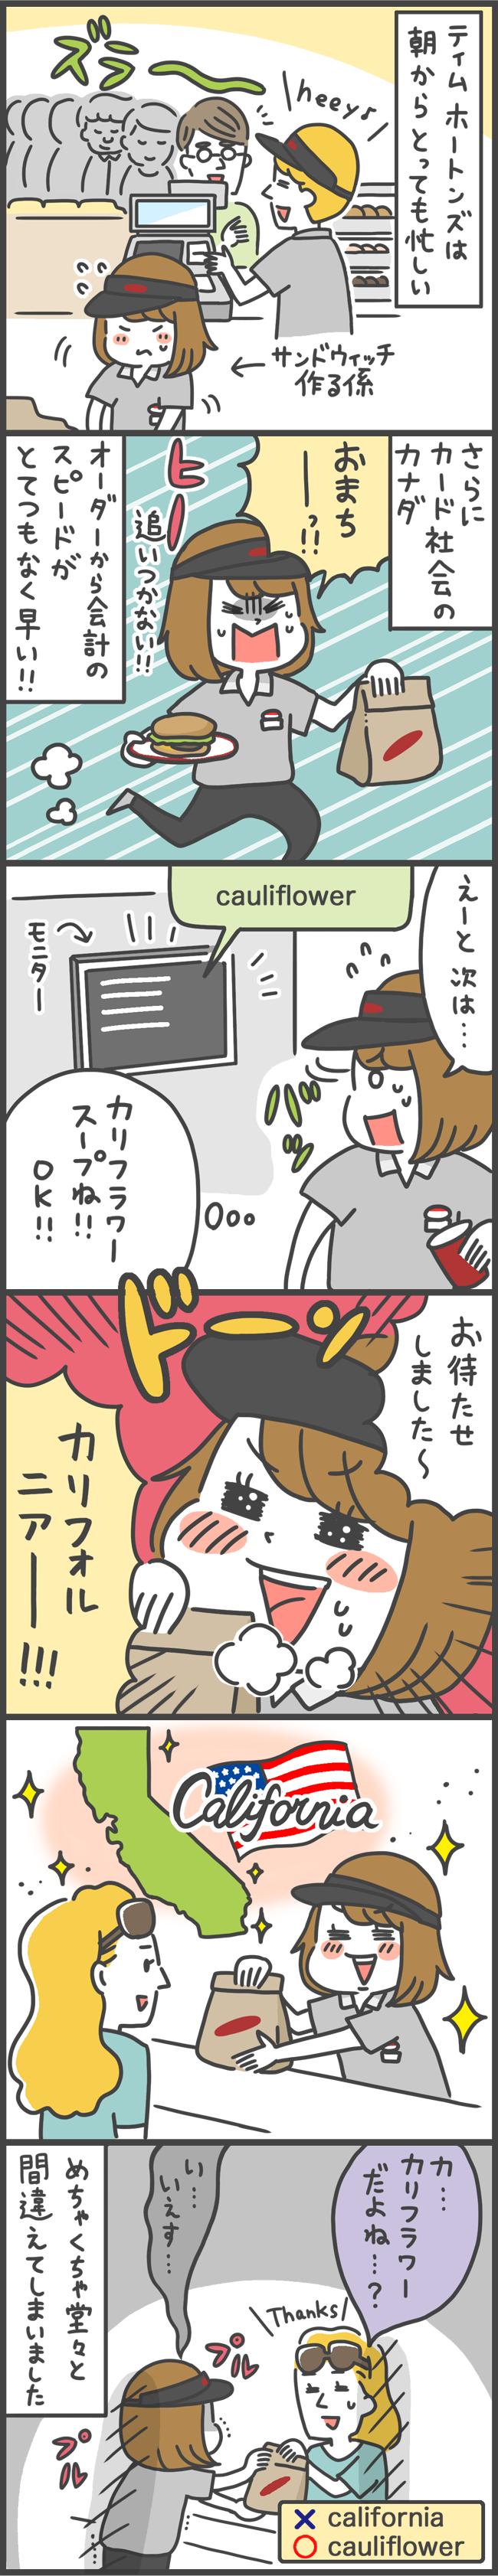 みさPさん・あきばさんのWebマンガ第9回